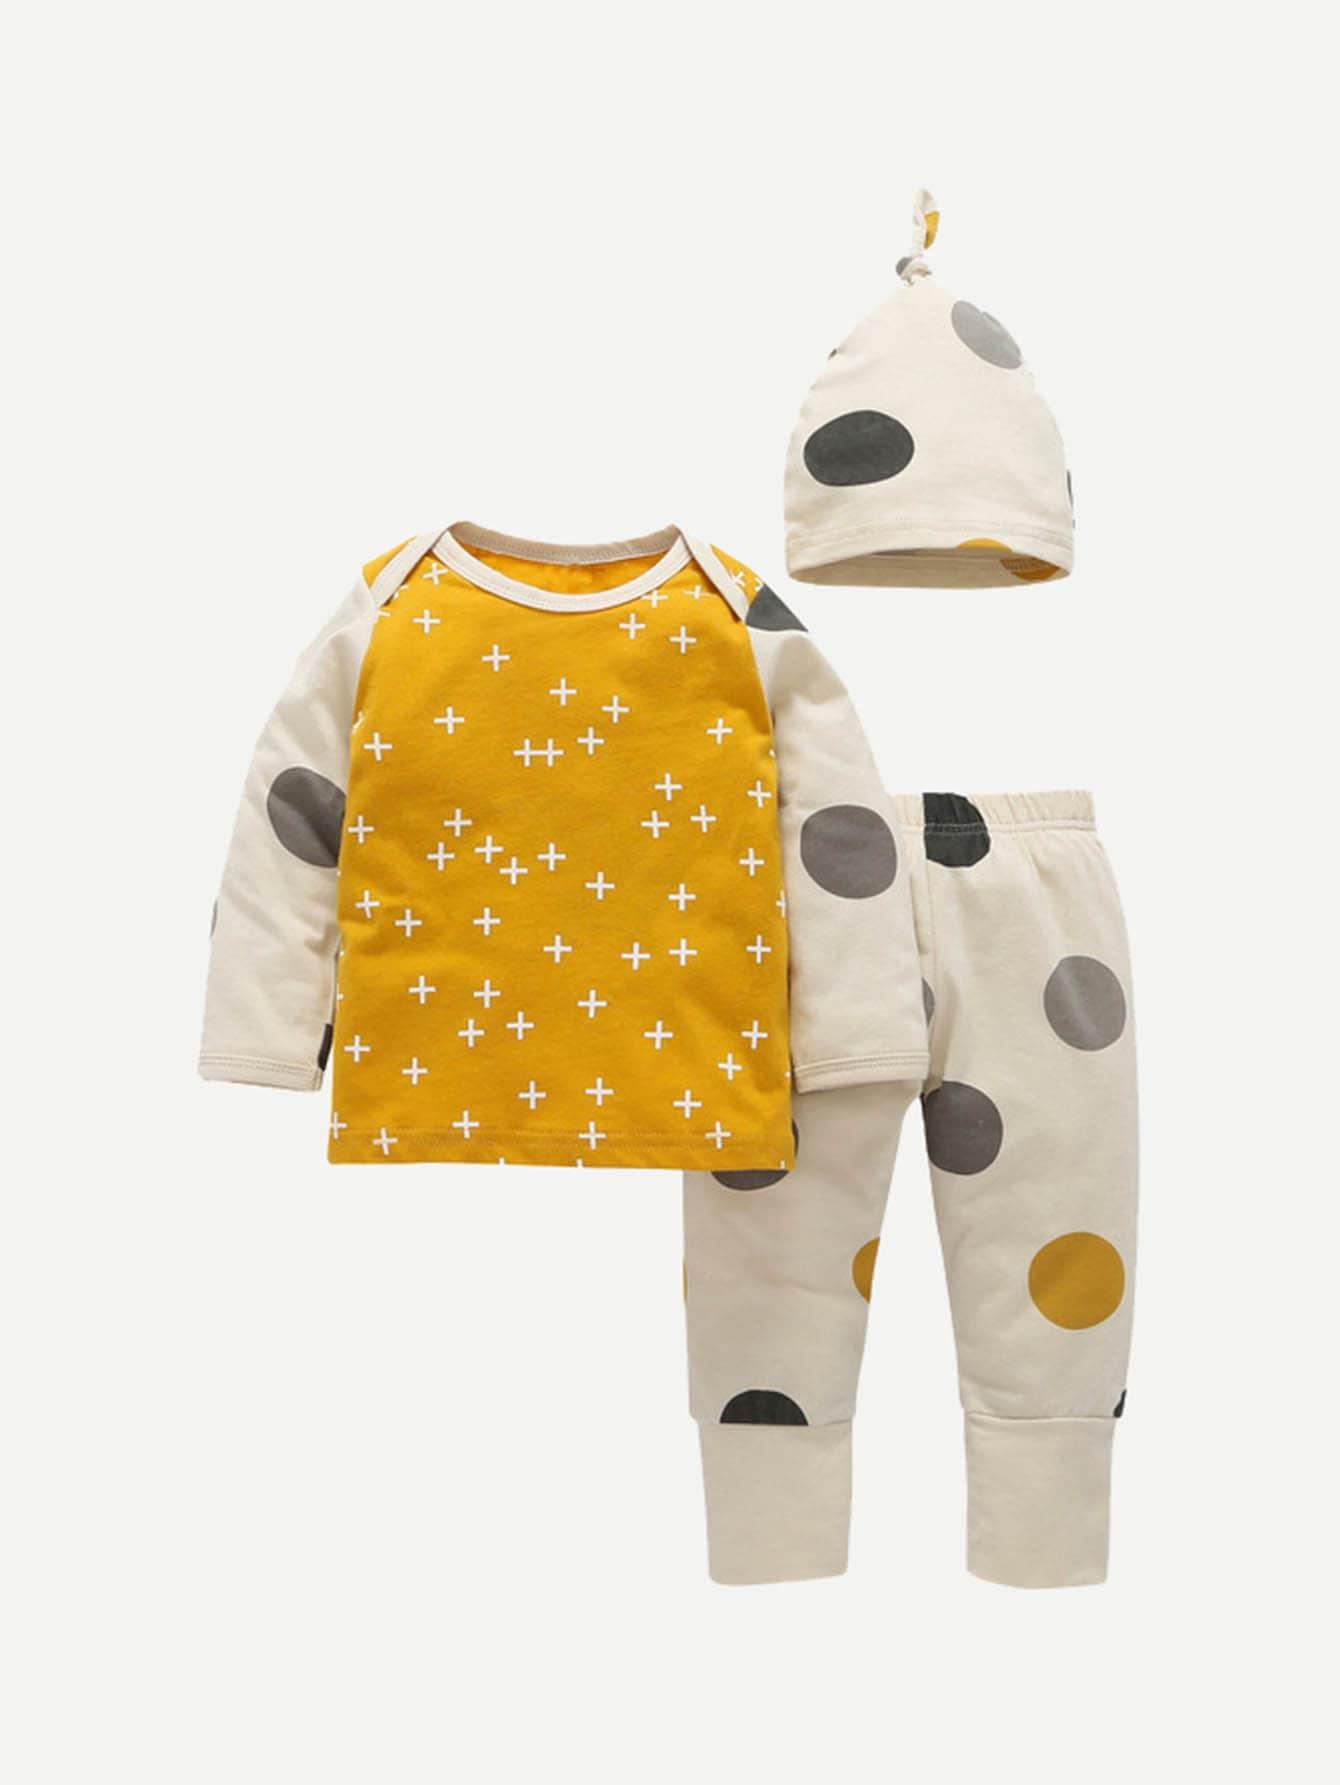 Купить Повседневный стиль Геометрическое тело Желтый Комплекты для девочек, null, SheIn